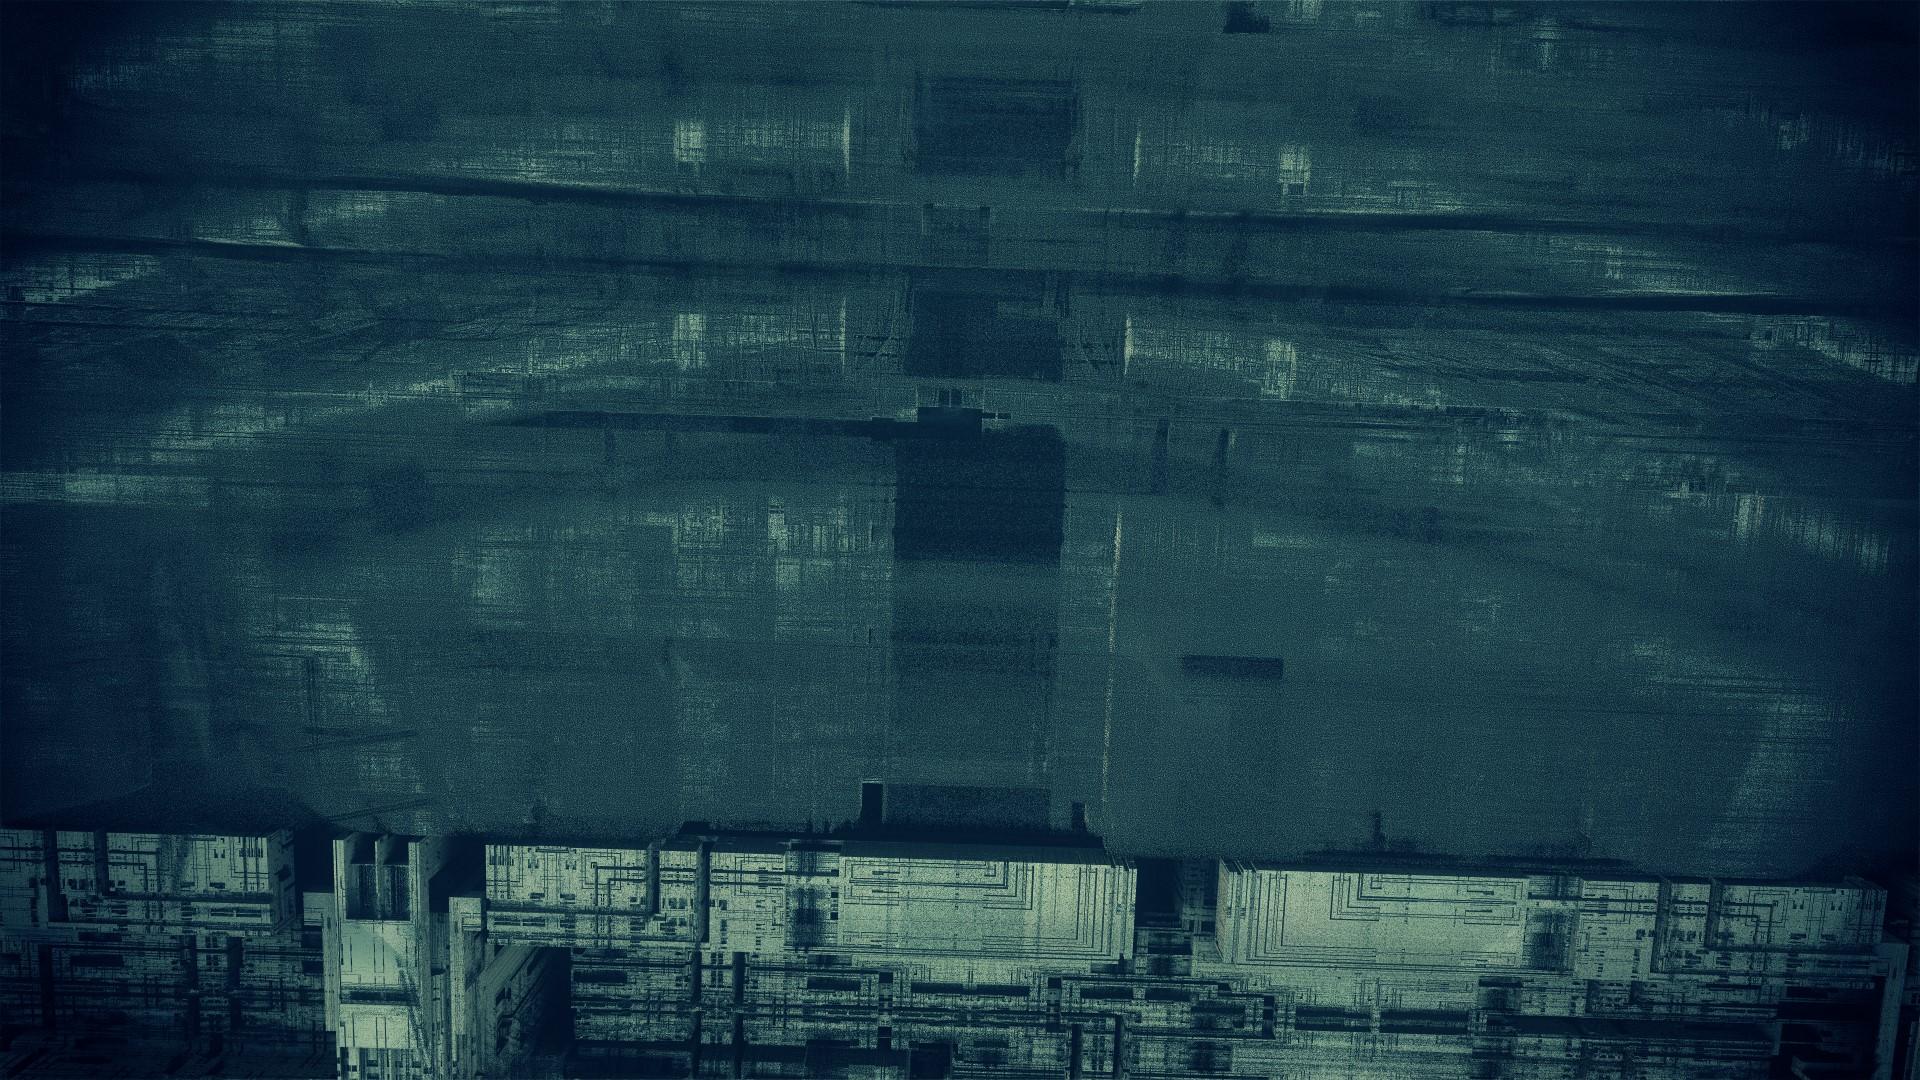 Fractal Wallpaper 1920x1080